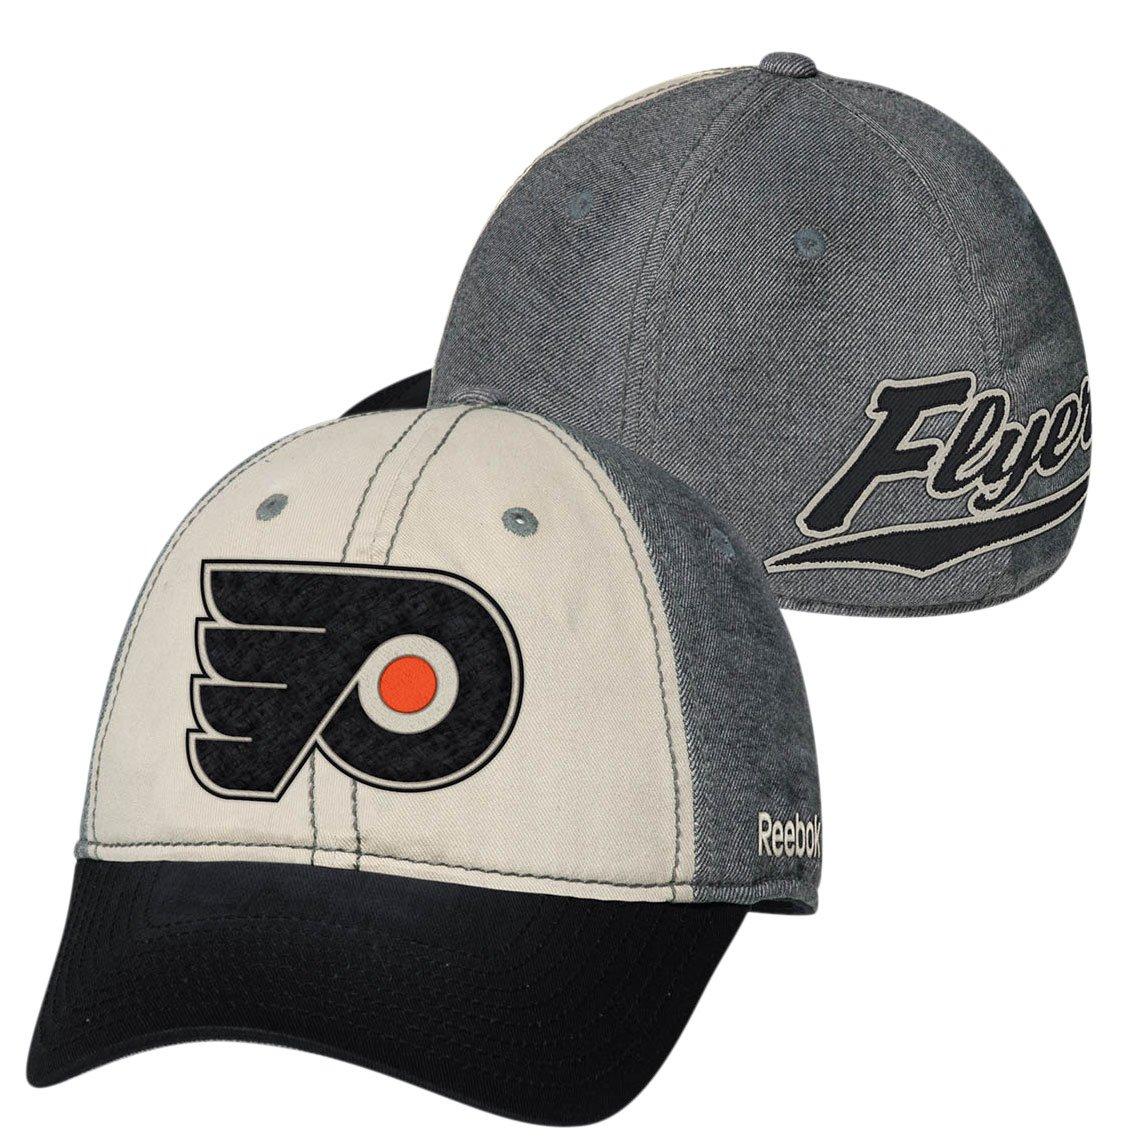 384aa9b8 Amazon.com : Reebok Philadelphia Flyers Face-Off Slouch Flex Fit Hat ...